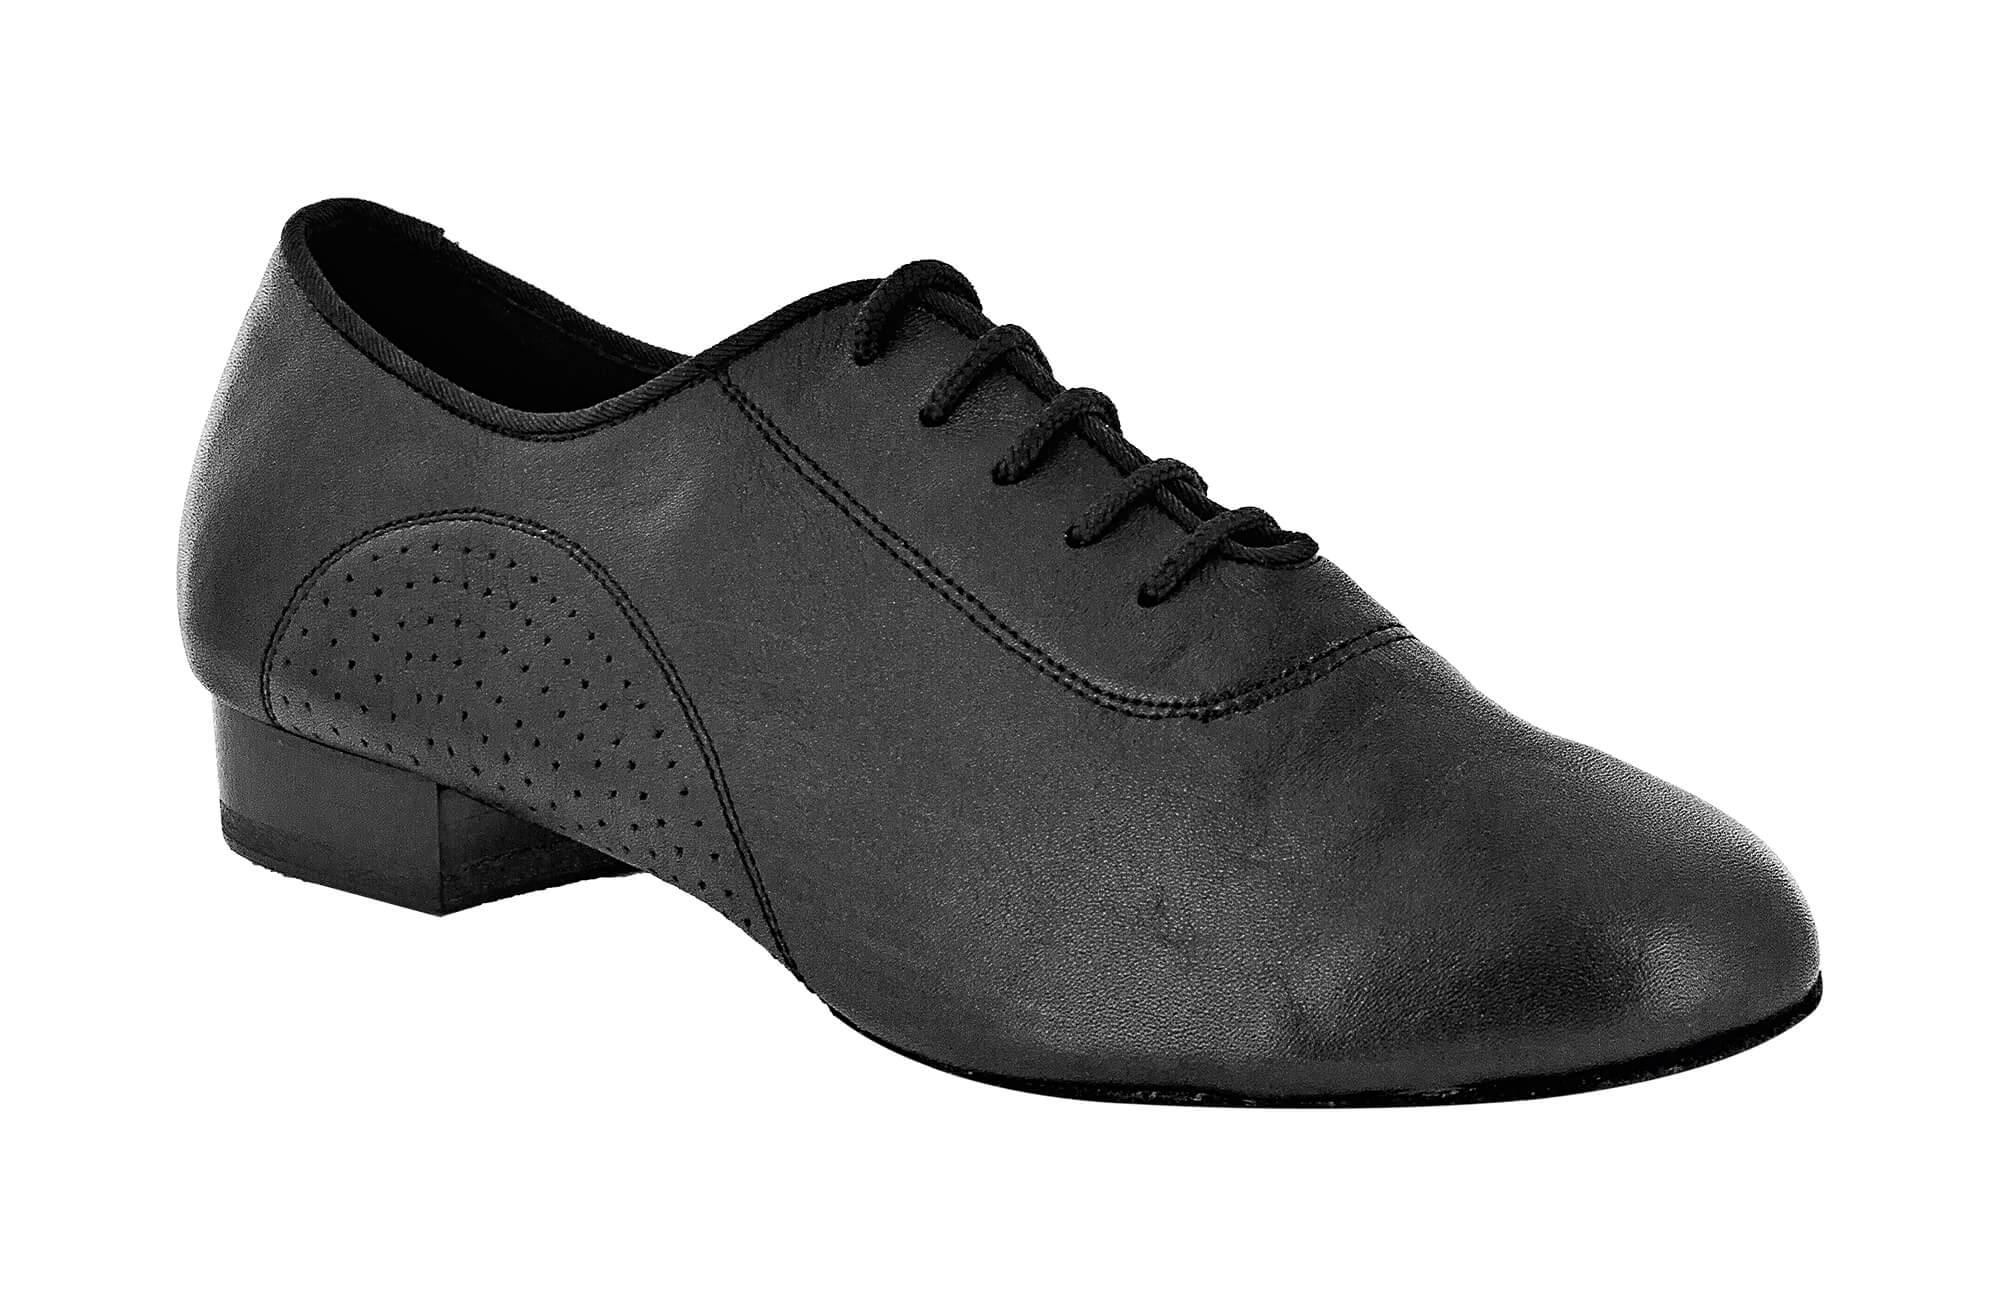 offerte esclusive rilasciare informazioni su bella vista Scarpa da ballo uomo standard doppia suola colore nero tacco 2,5 cm -  Dancin scarpe da ballo